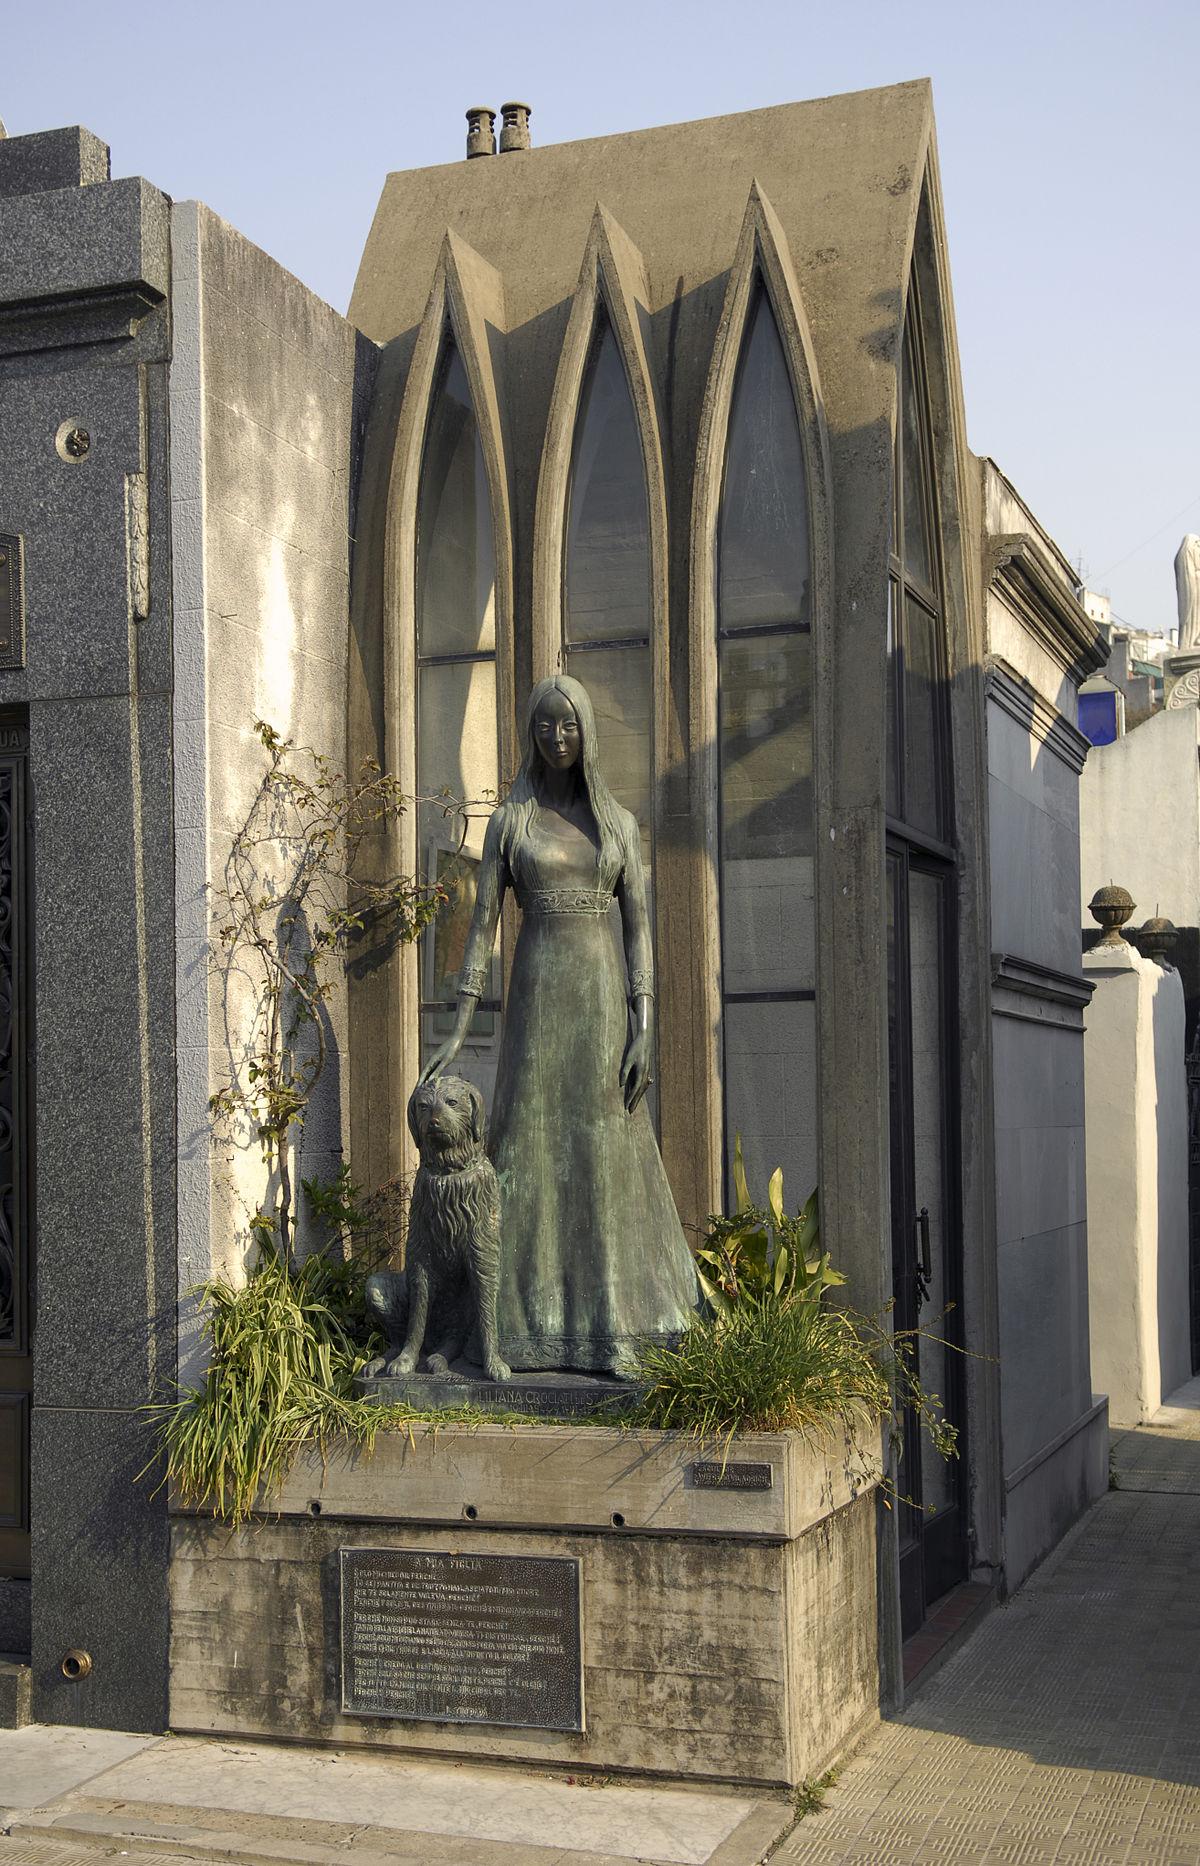 Tomb of Liliana Crociati de Szaszak  Wikipedia